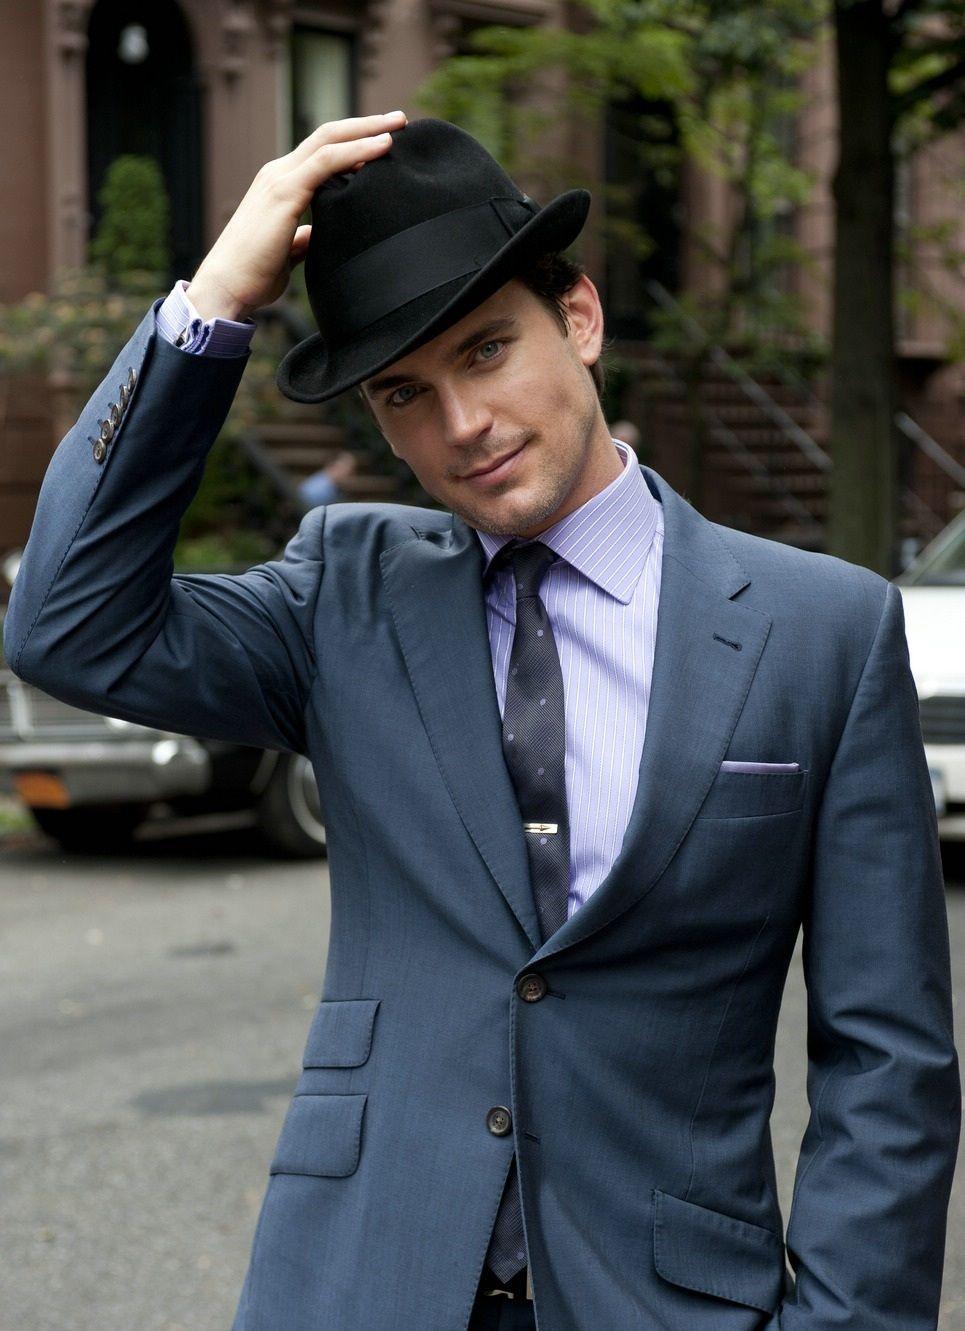 Matt Bomer as Caleb Carson. Fedora 265d192284b